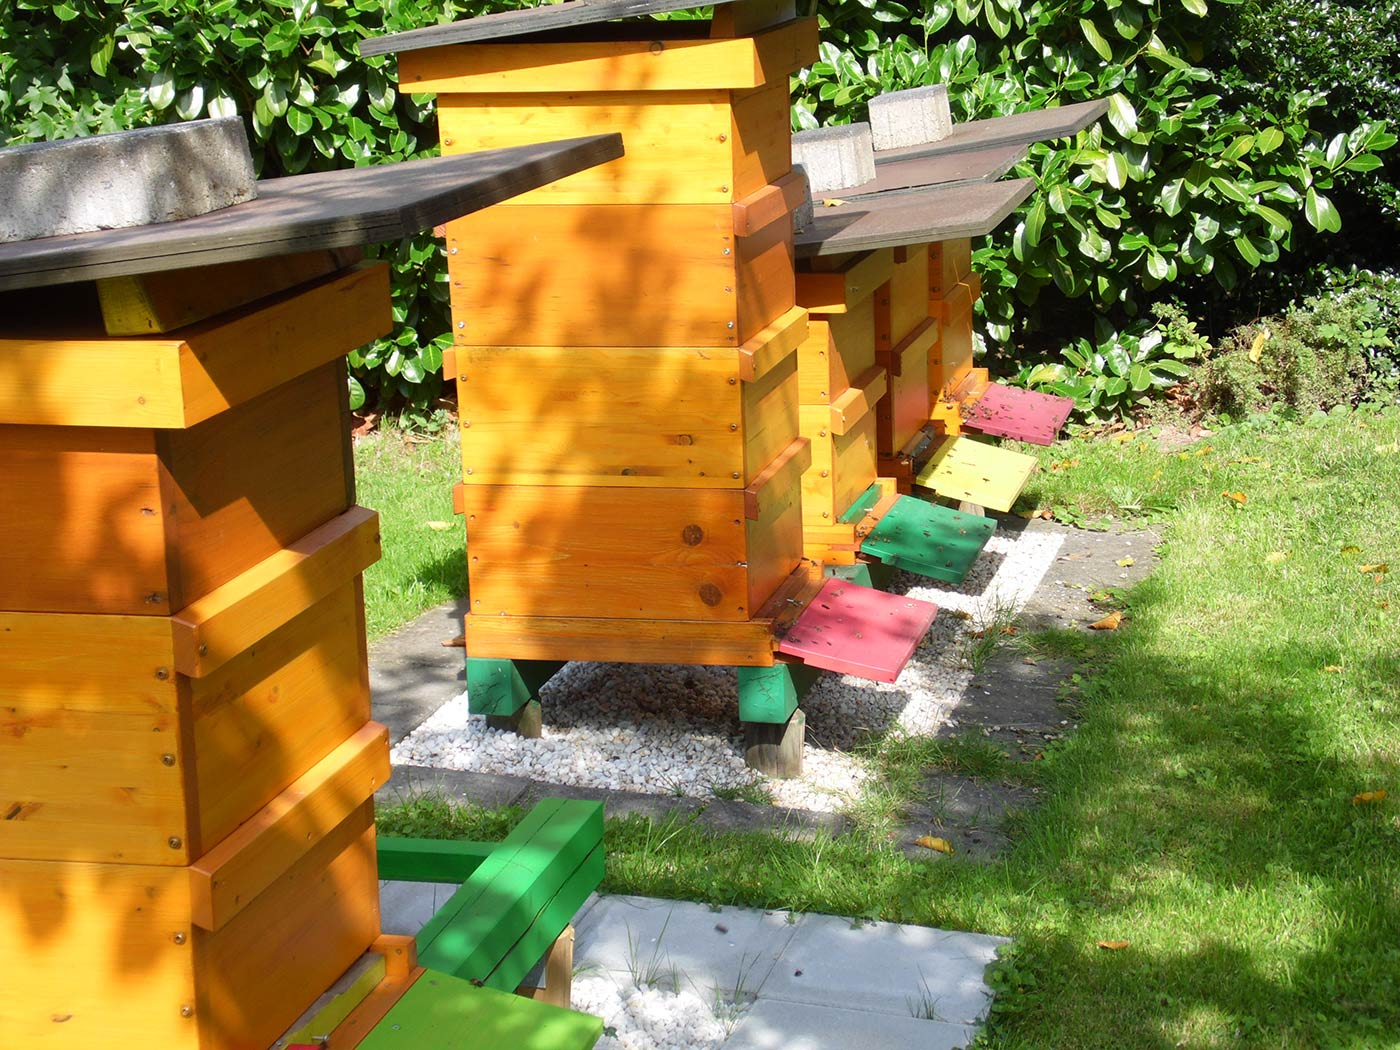 Fünf Bienenstöcke von Alfred Bauer im Sonnenlicht